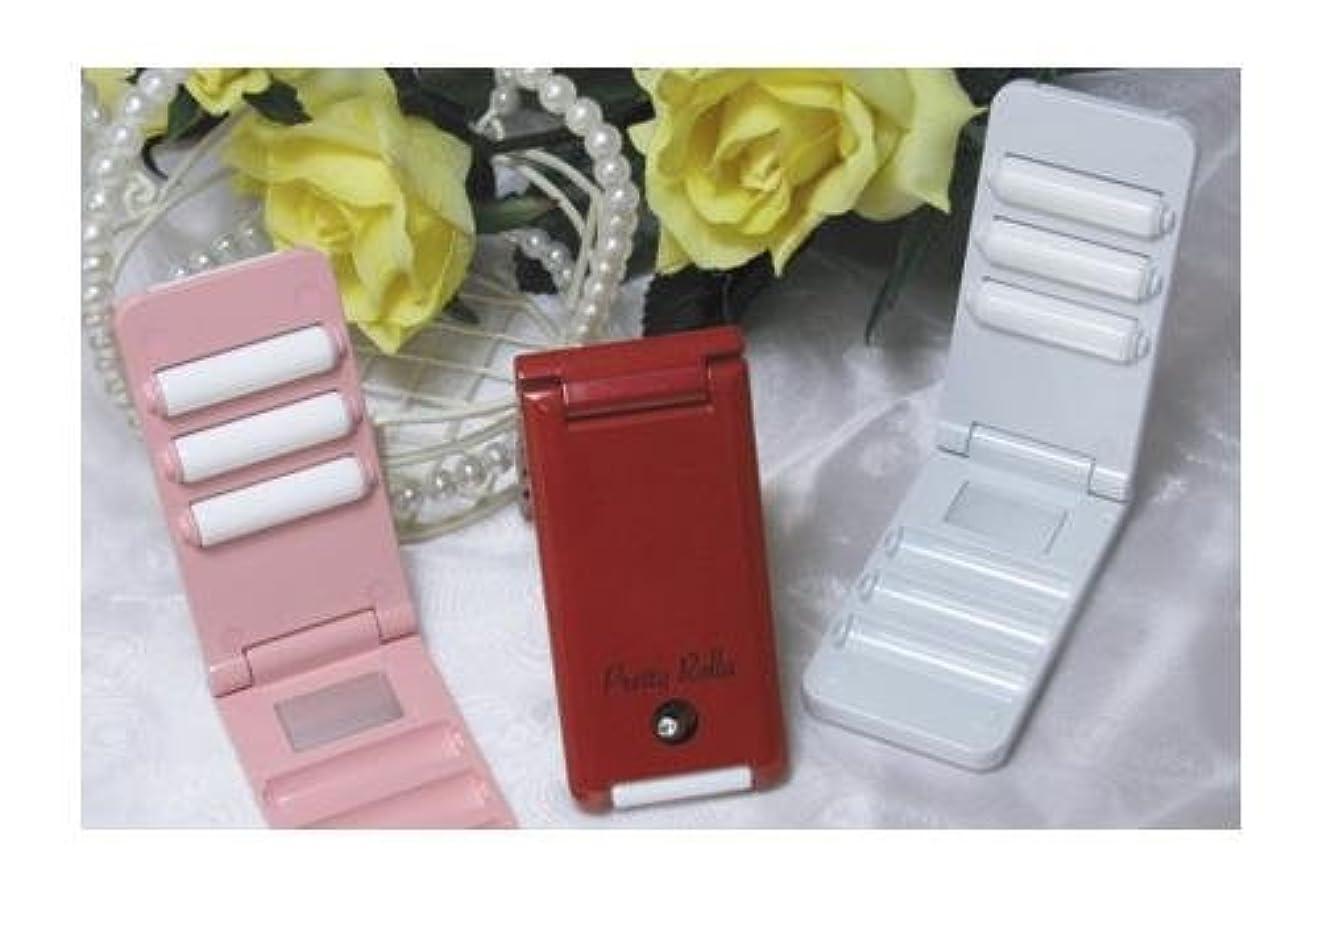 最大化する人口アピール携帯タイプ美容ローラー【Pretty Rolla】 (レッド)